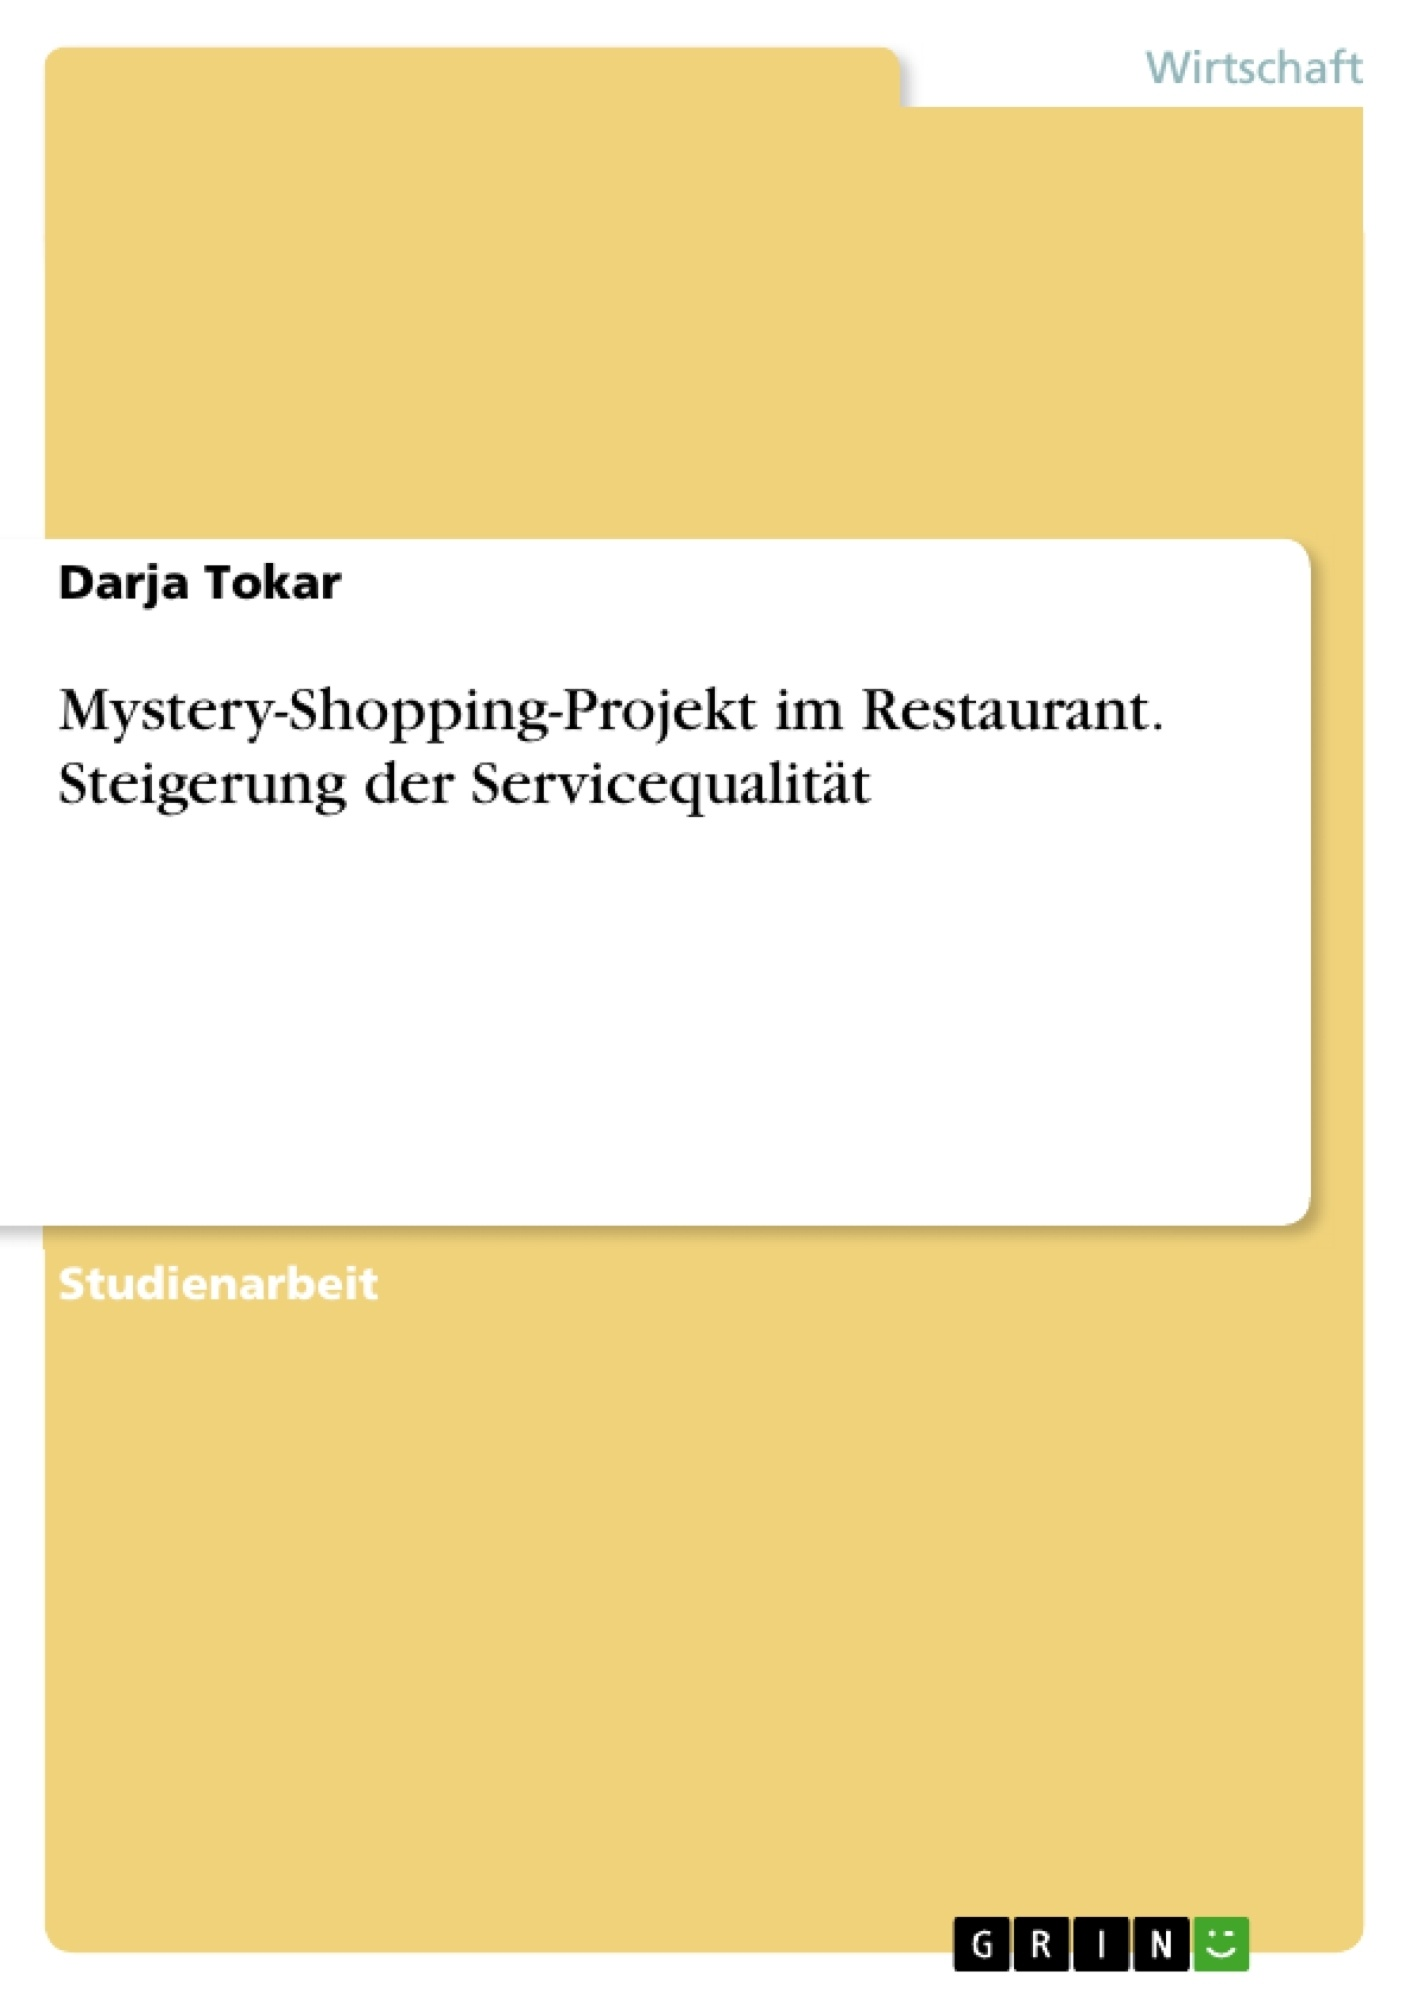 Titel: Mystery-Shopping-Projekt im Restaurant. Steigerung der Servicequalität